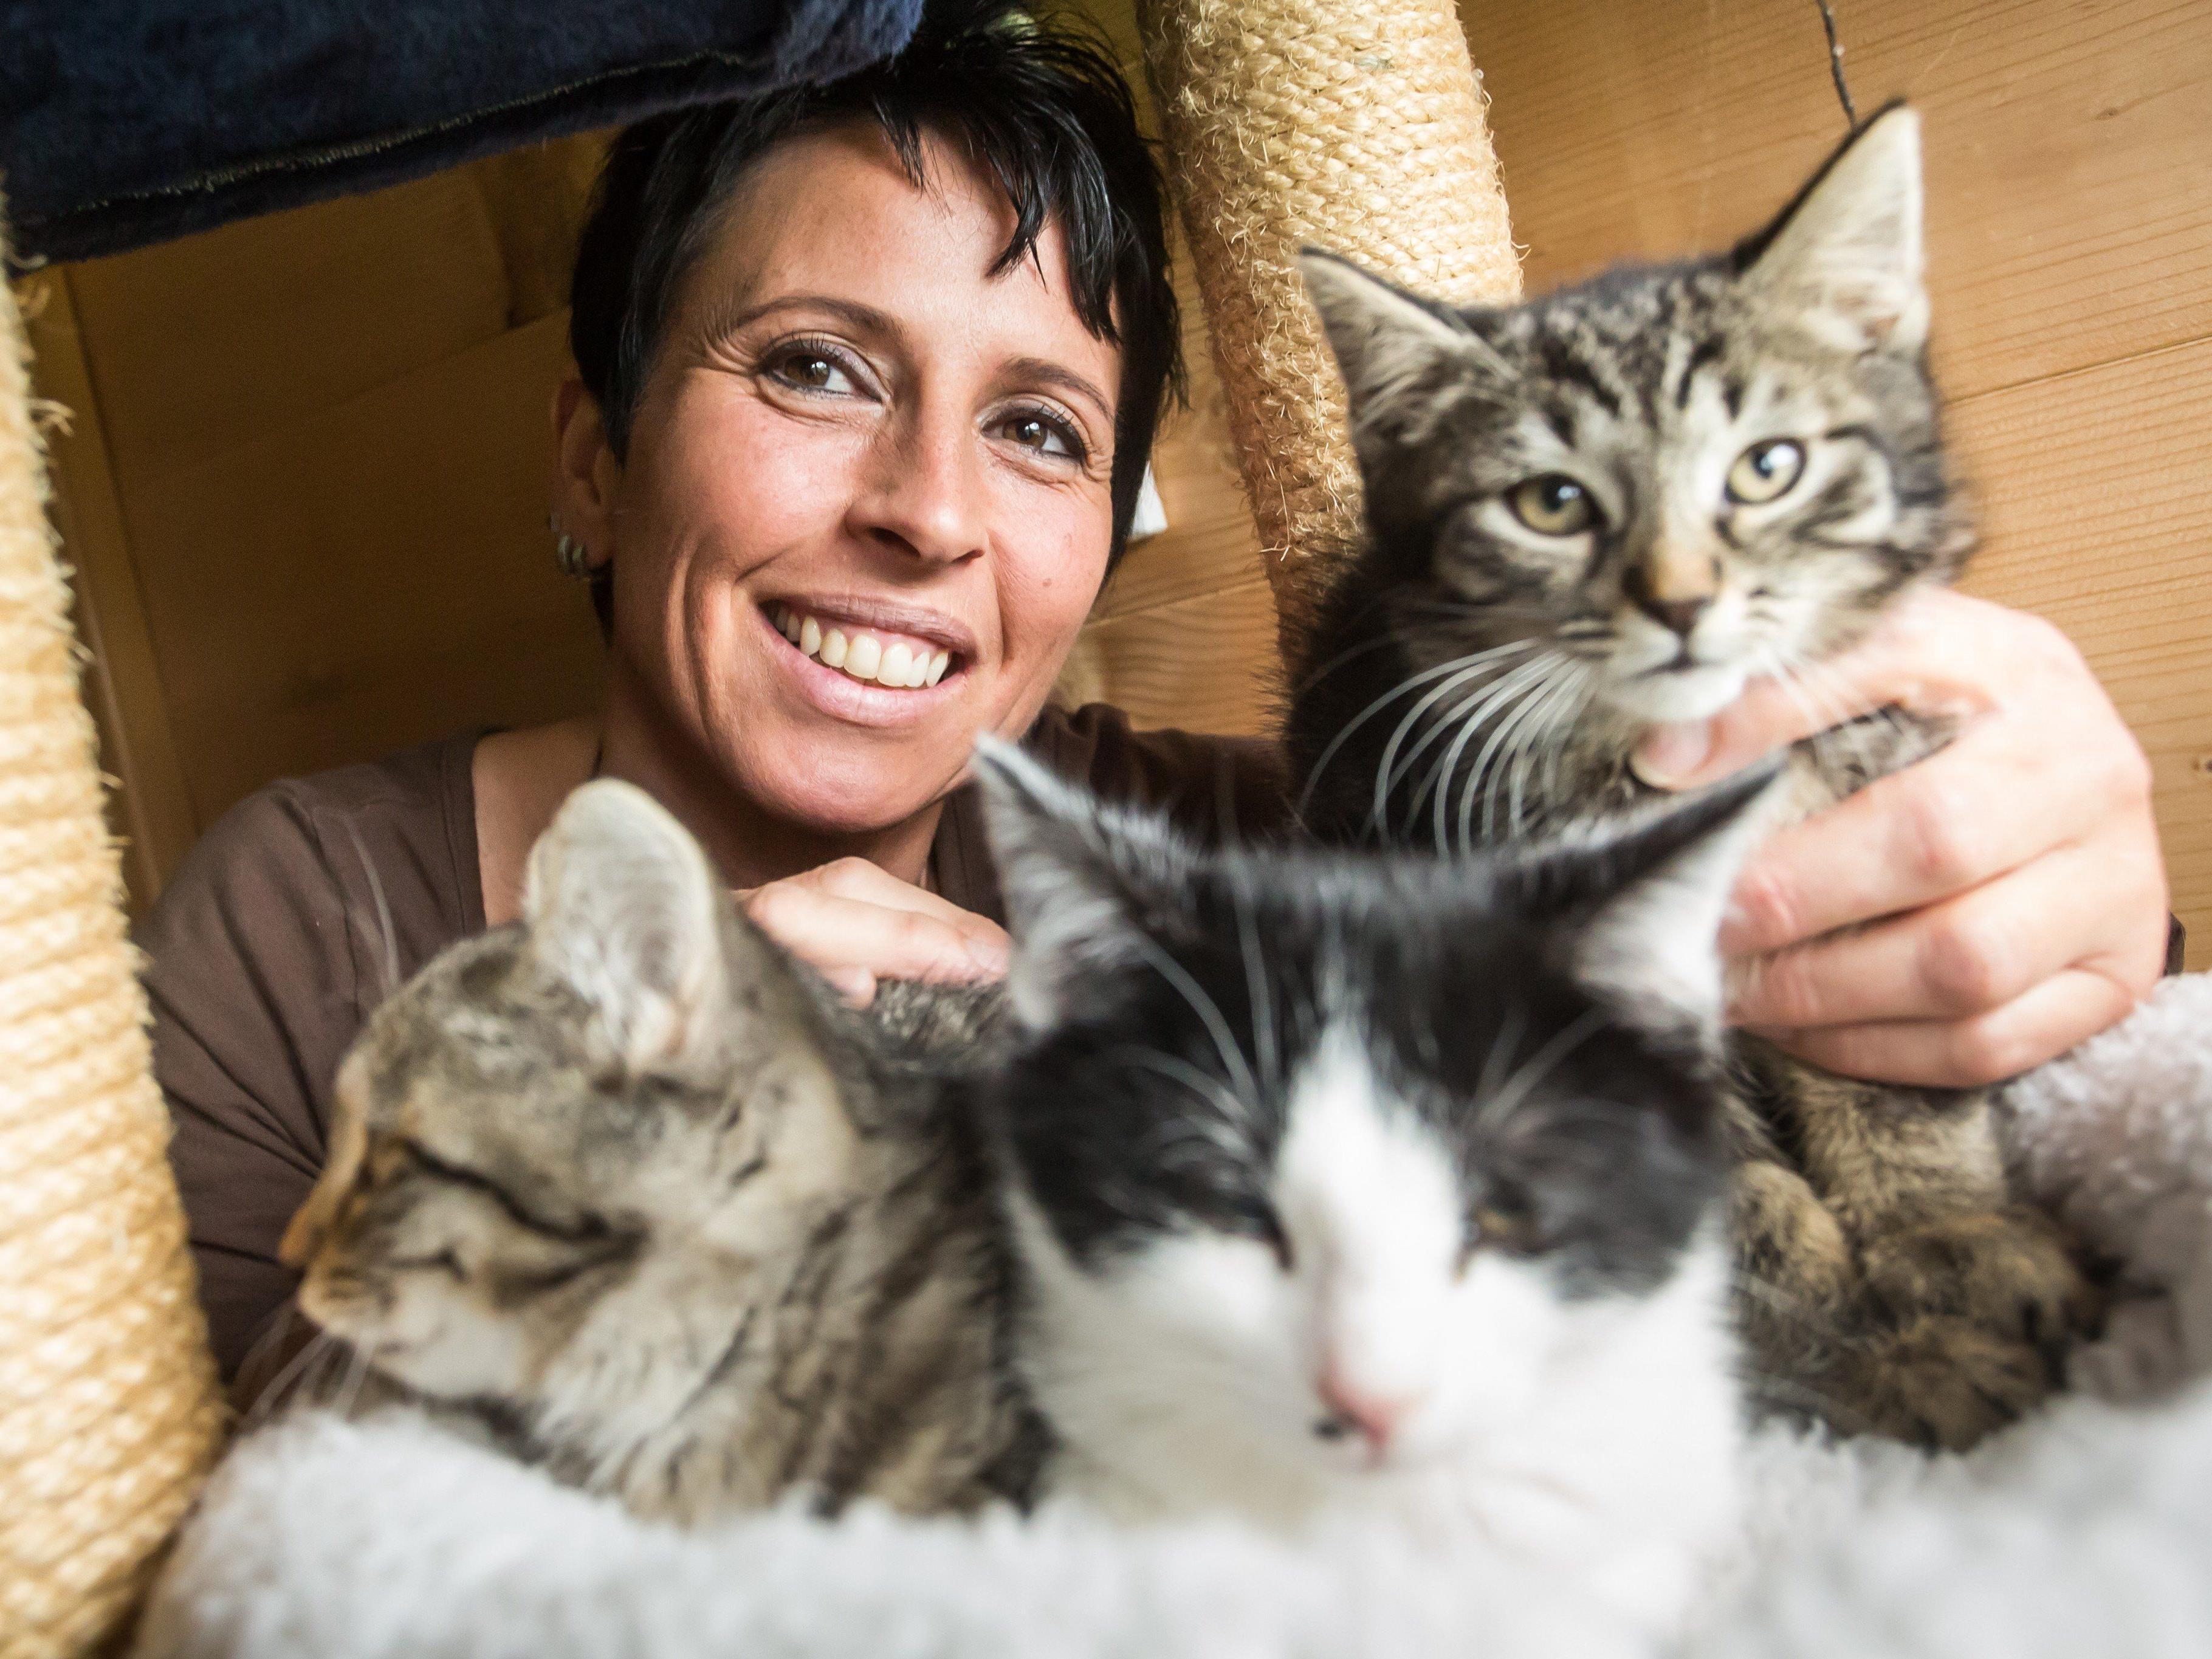 Tierschützerin aus Leidenschaft und Überzeugung: Alexandra von der Katzenpflegestelle Vandans.